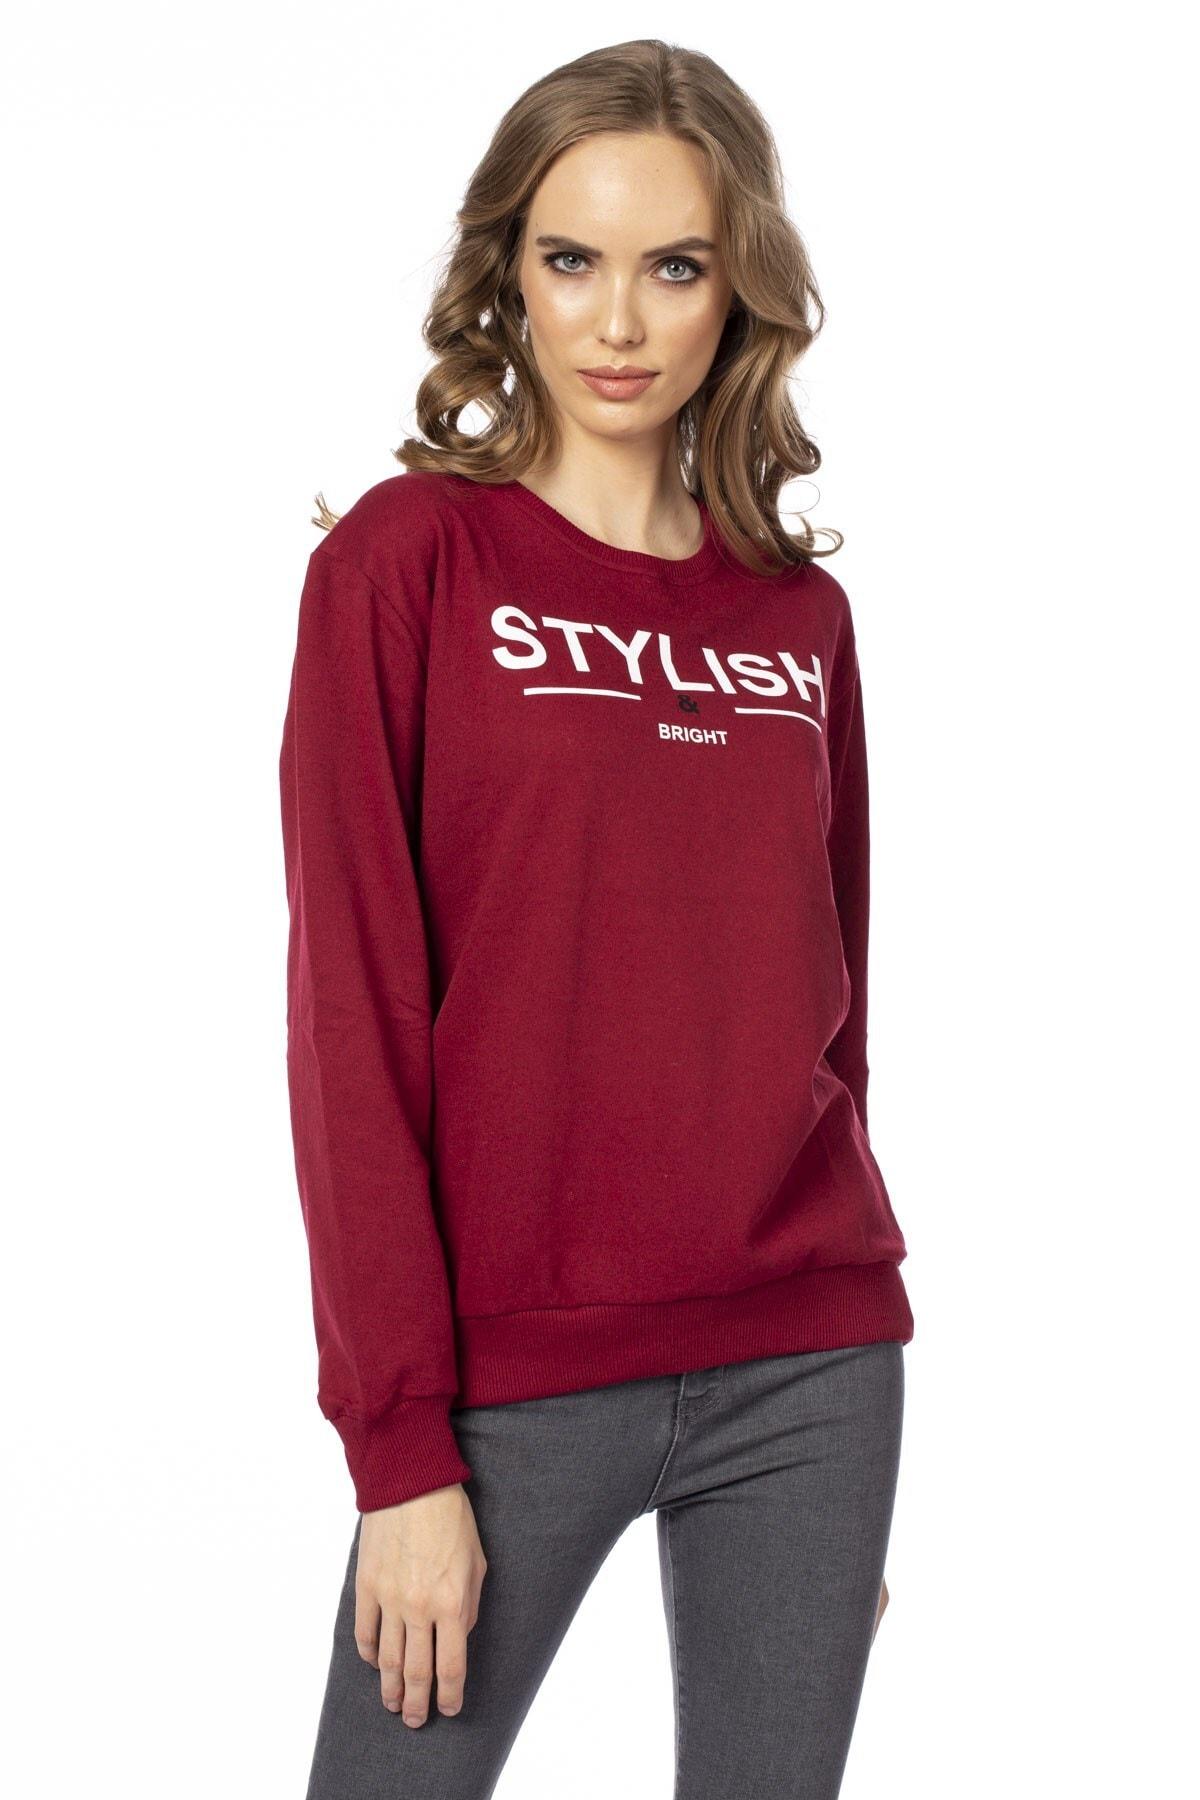 BARRELS AND OIL Kadın Bordo Stylish Baskılı Sweatshirt 231-19K002.04